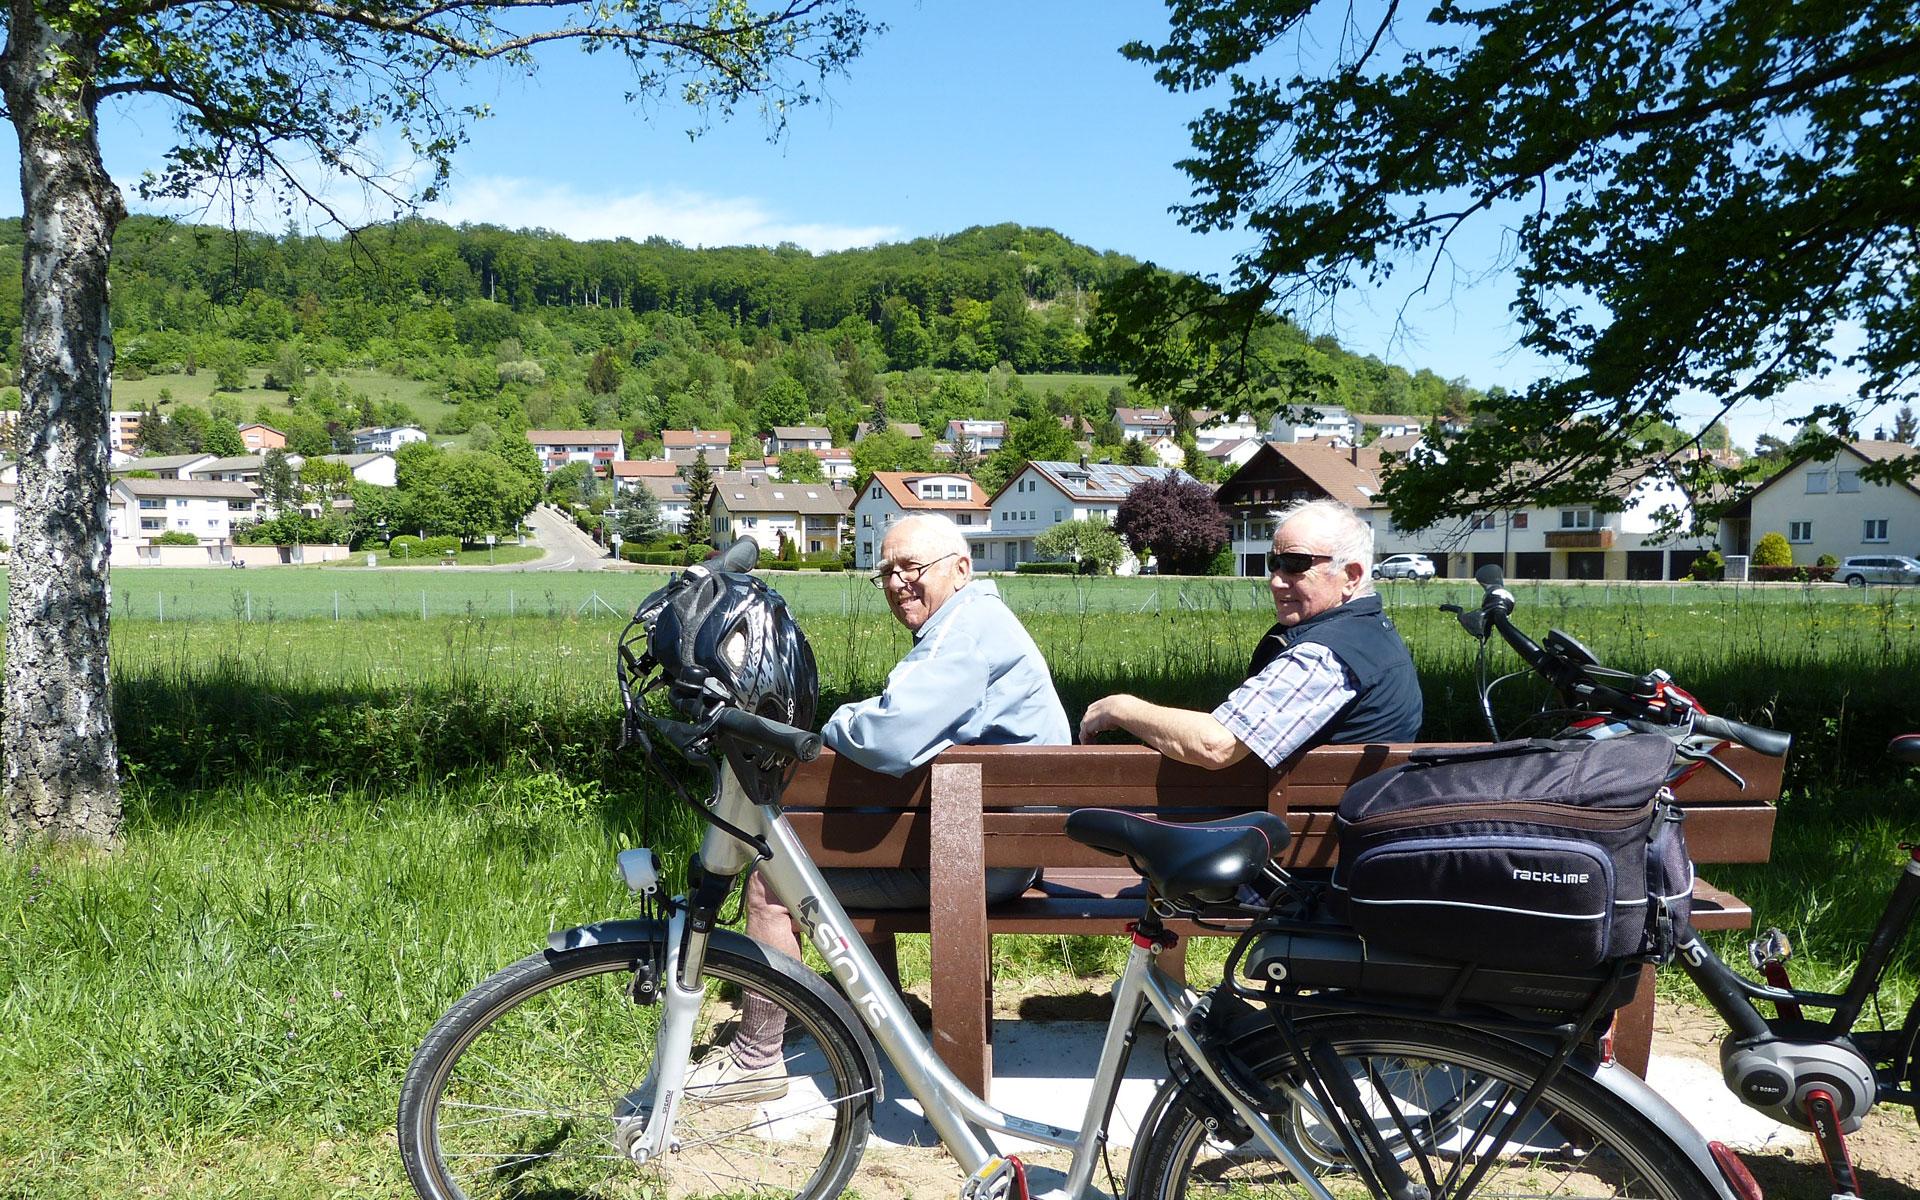 Zwei Radfahrer im Seniorenalter sitzen auf einer Bank und schauen in die Kamera. Im Vordergrund steht ein Fahrrad.